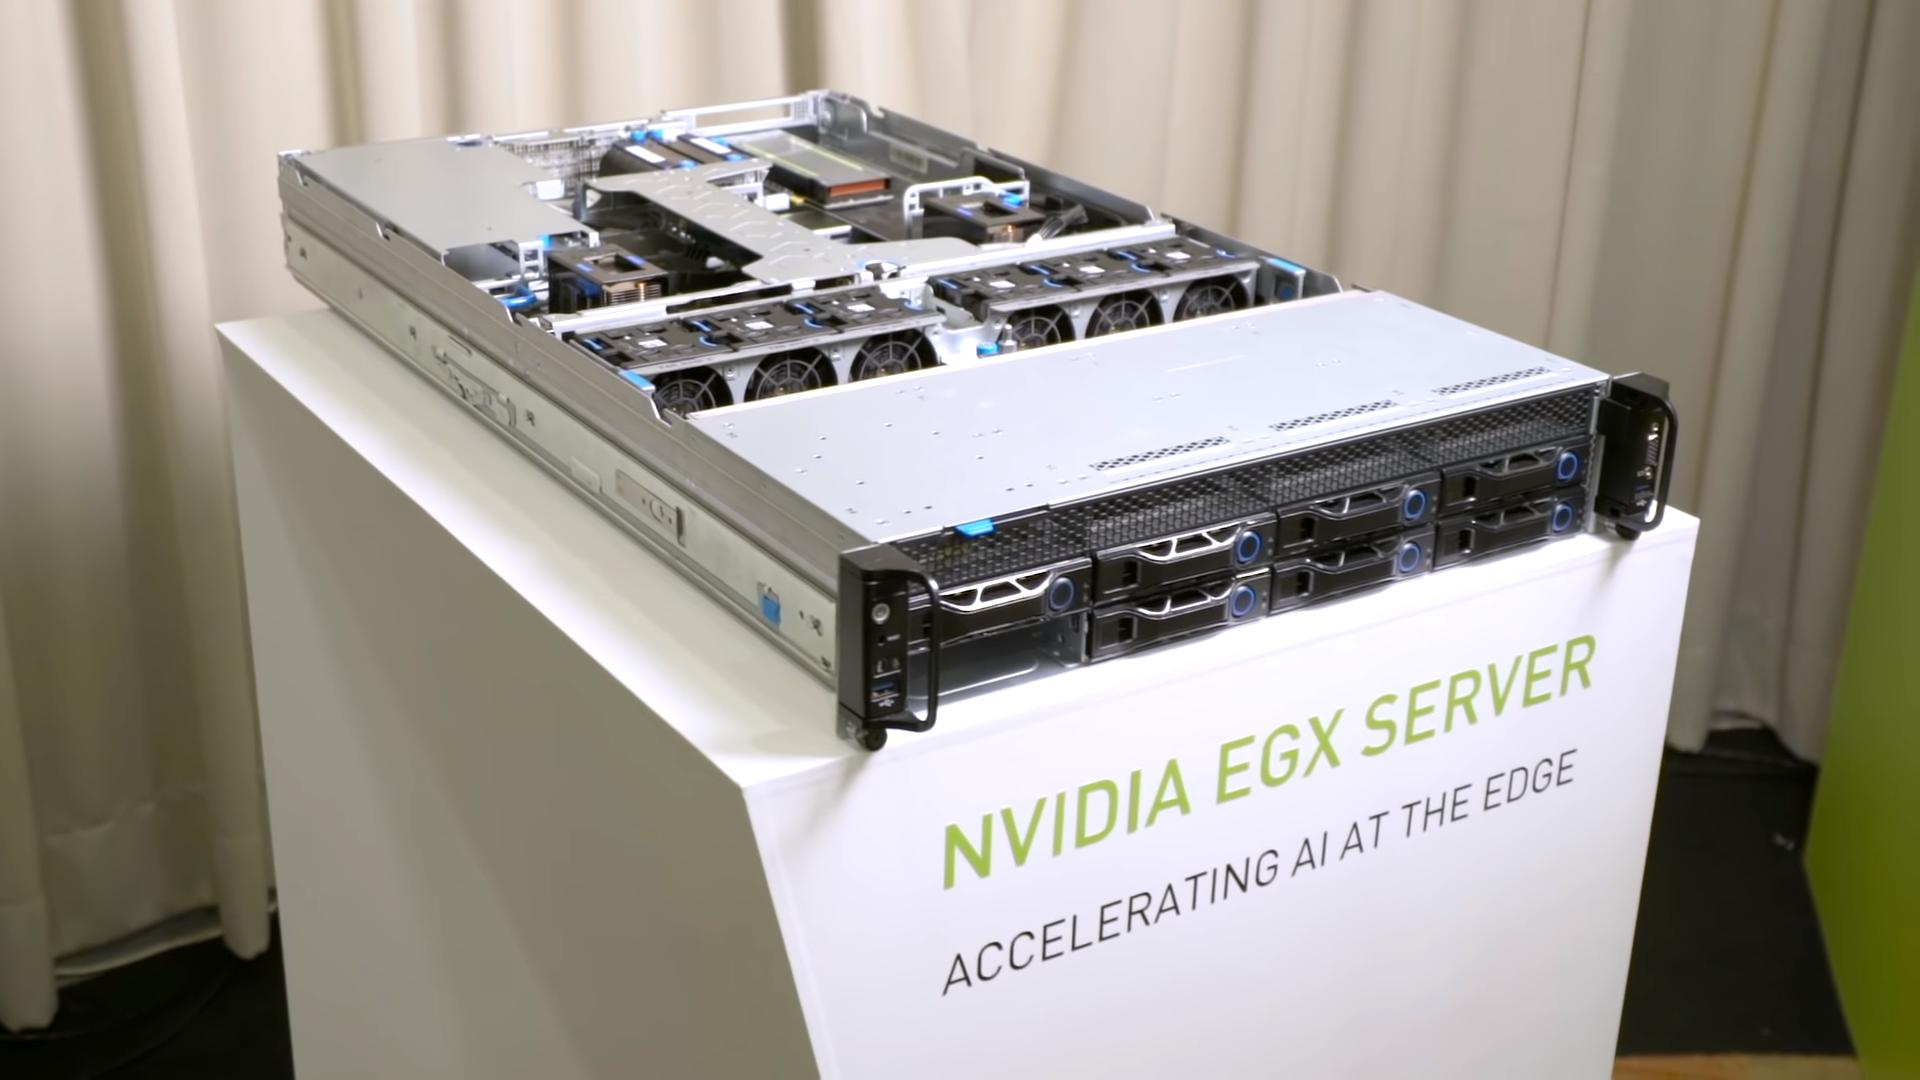 Kết quả hình ảnh cho Nvidia EGX